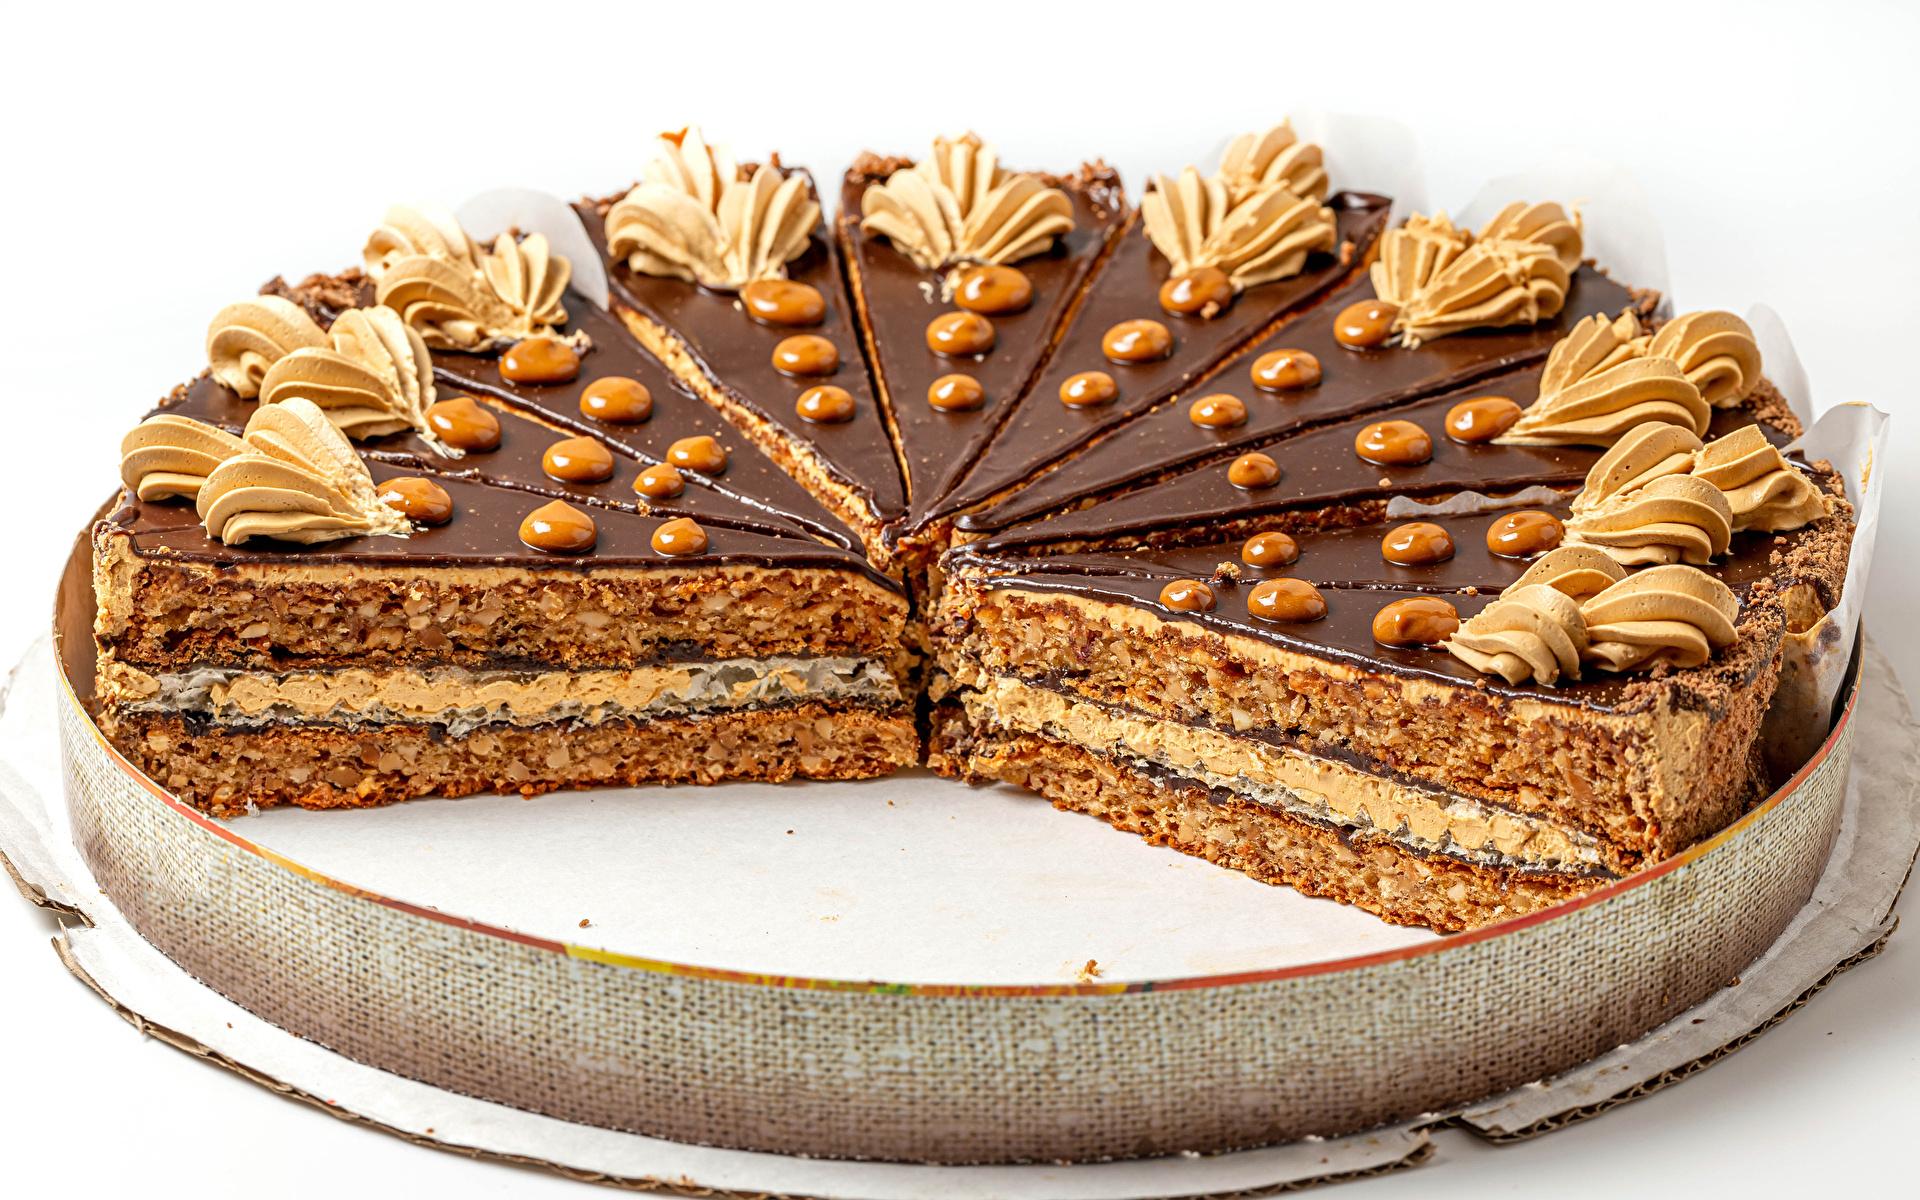 1920x1200 Tarta Chocolate El fondo blanco Diseño comida Alimentos